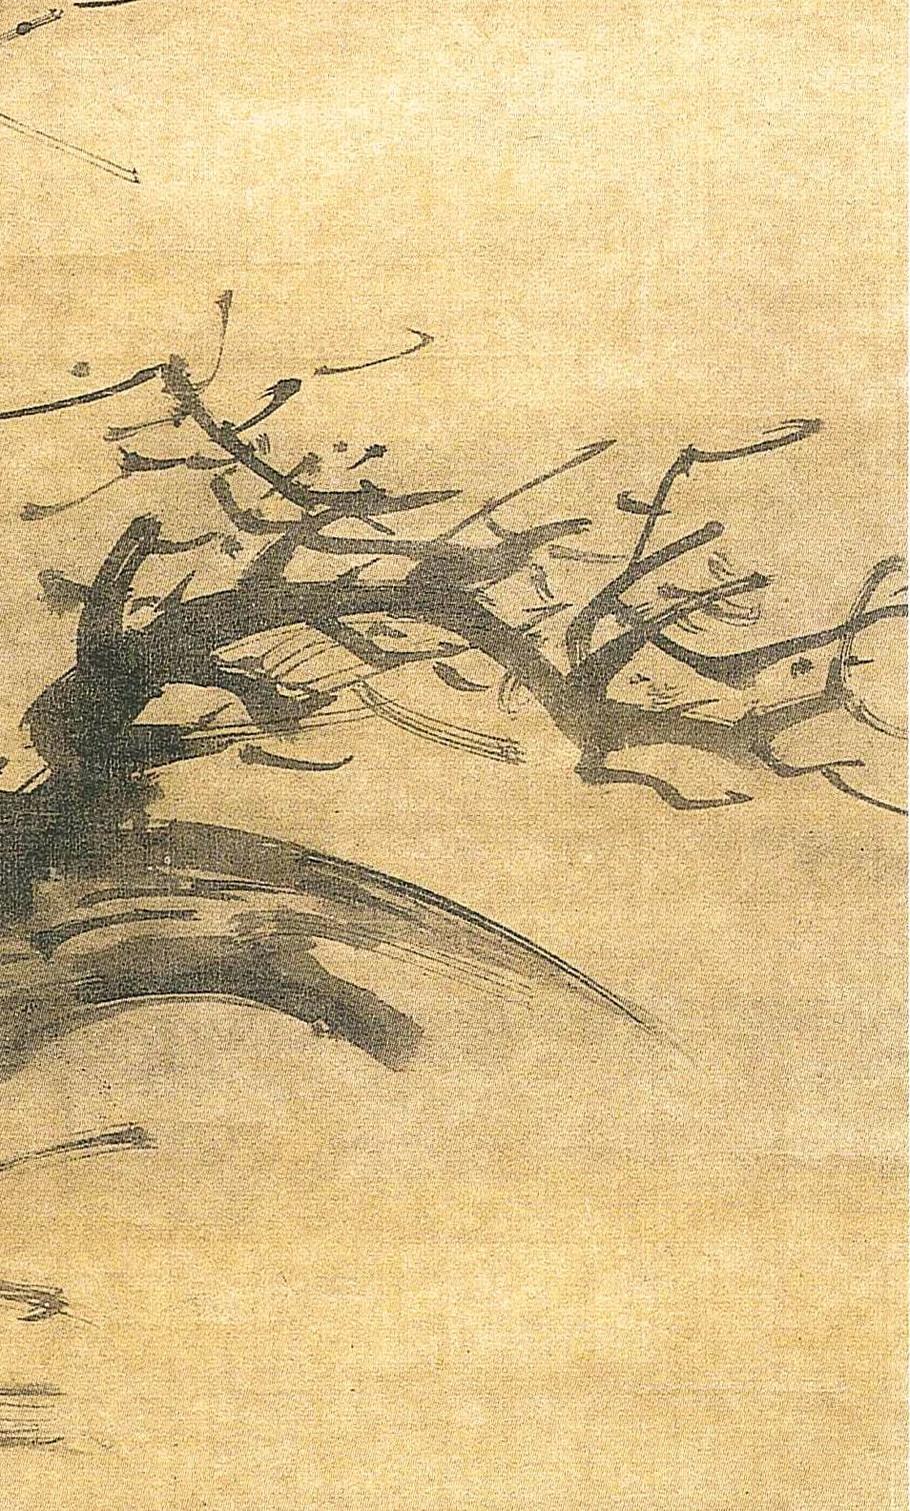 资料步骤文化作品林良(1416-1480)明,字以善,南海(今广州)人.eds操作正文图片